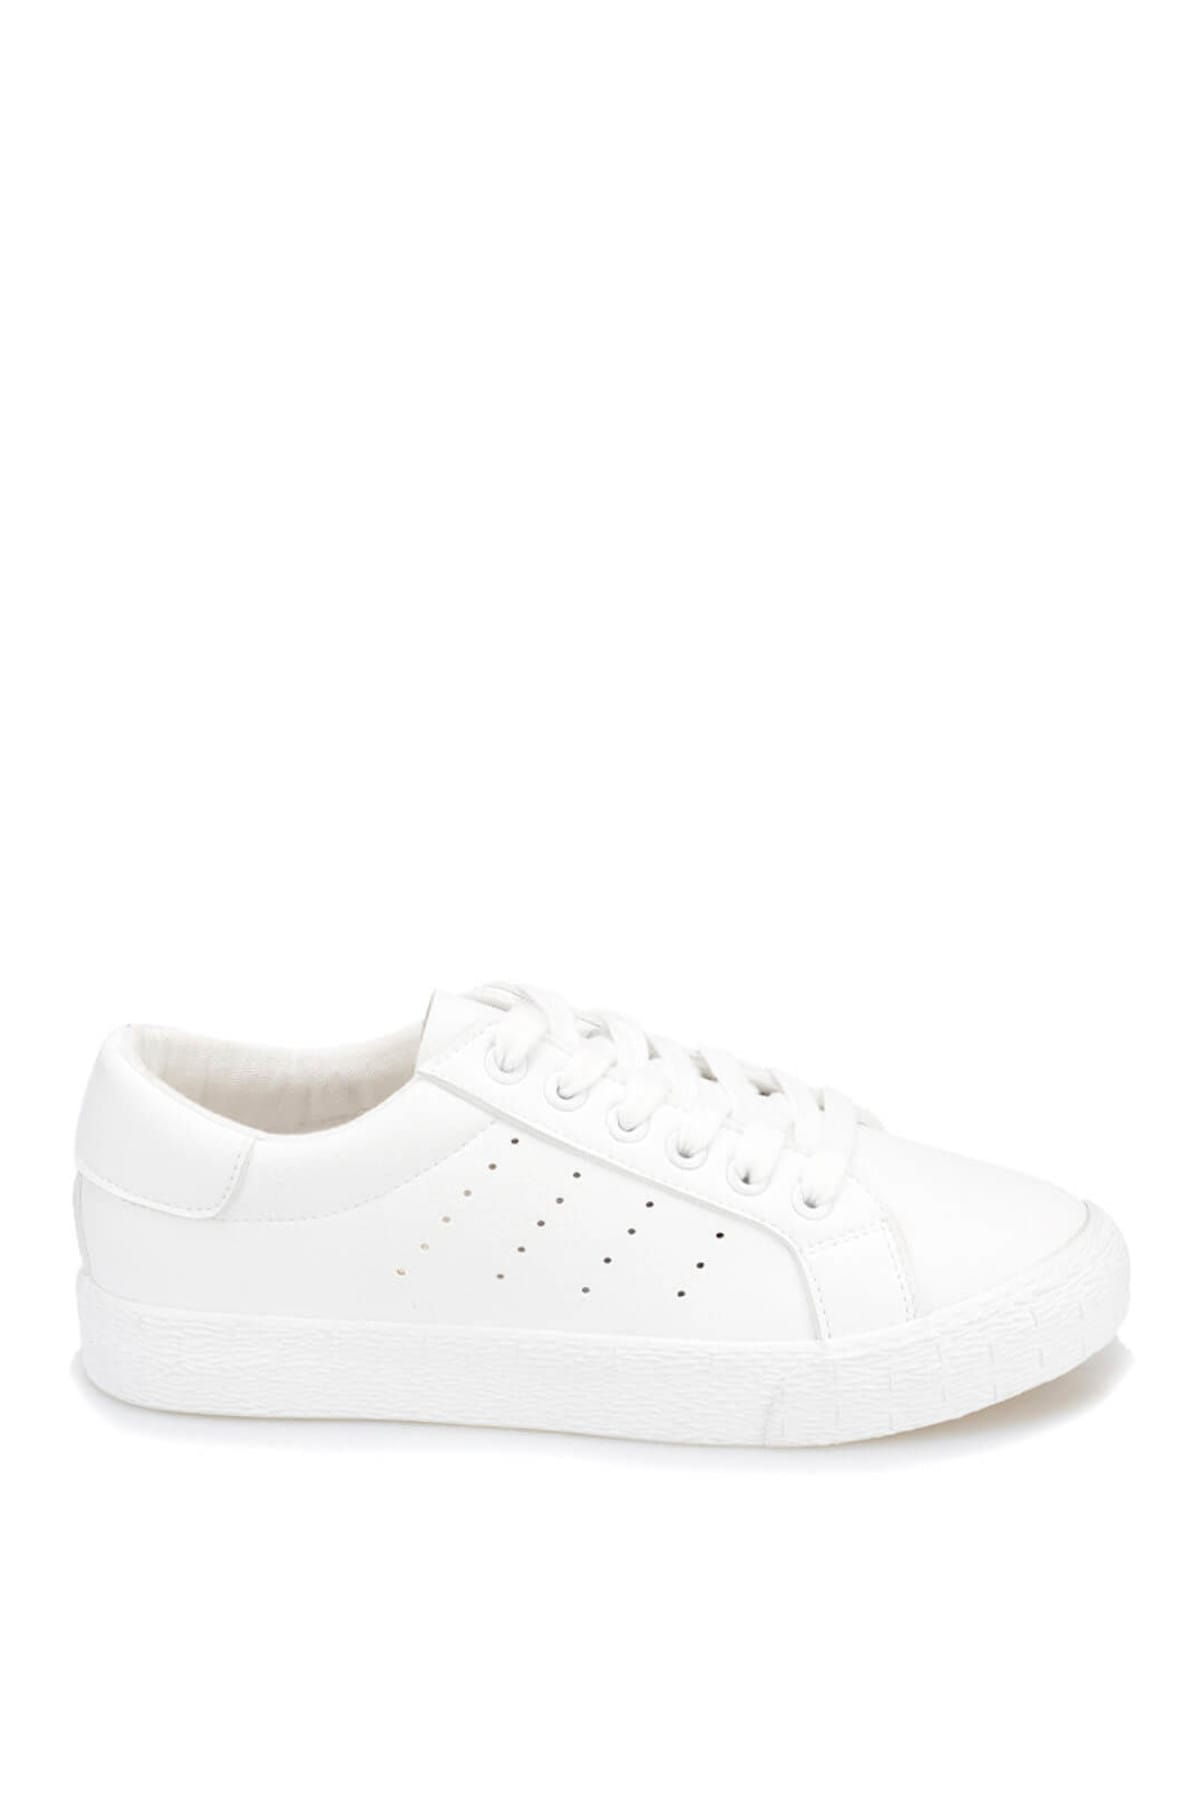 Kinetix POLIN Beyaz Kadın Ayakkabı 100314352 2